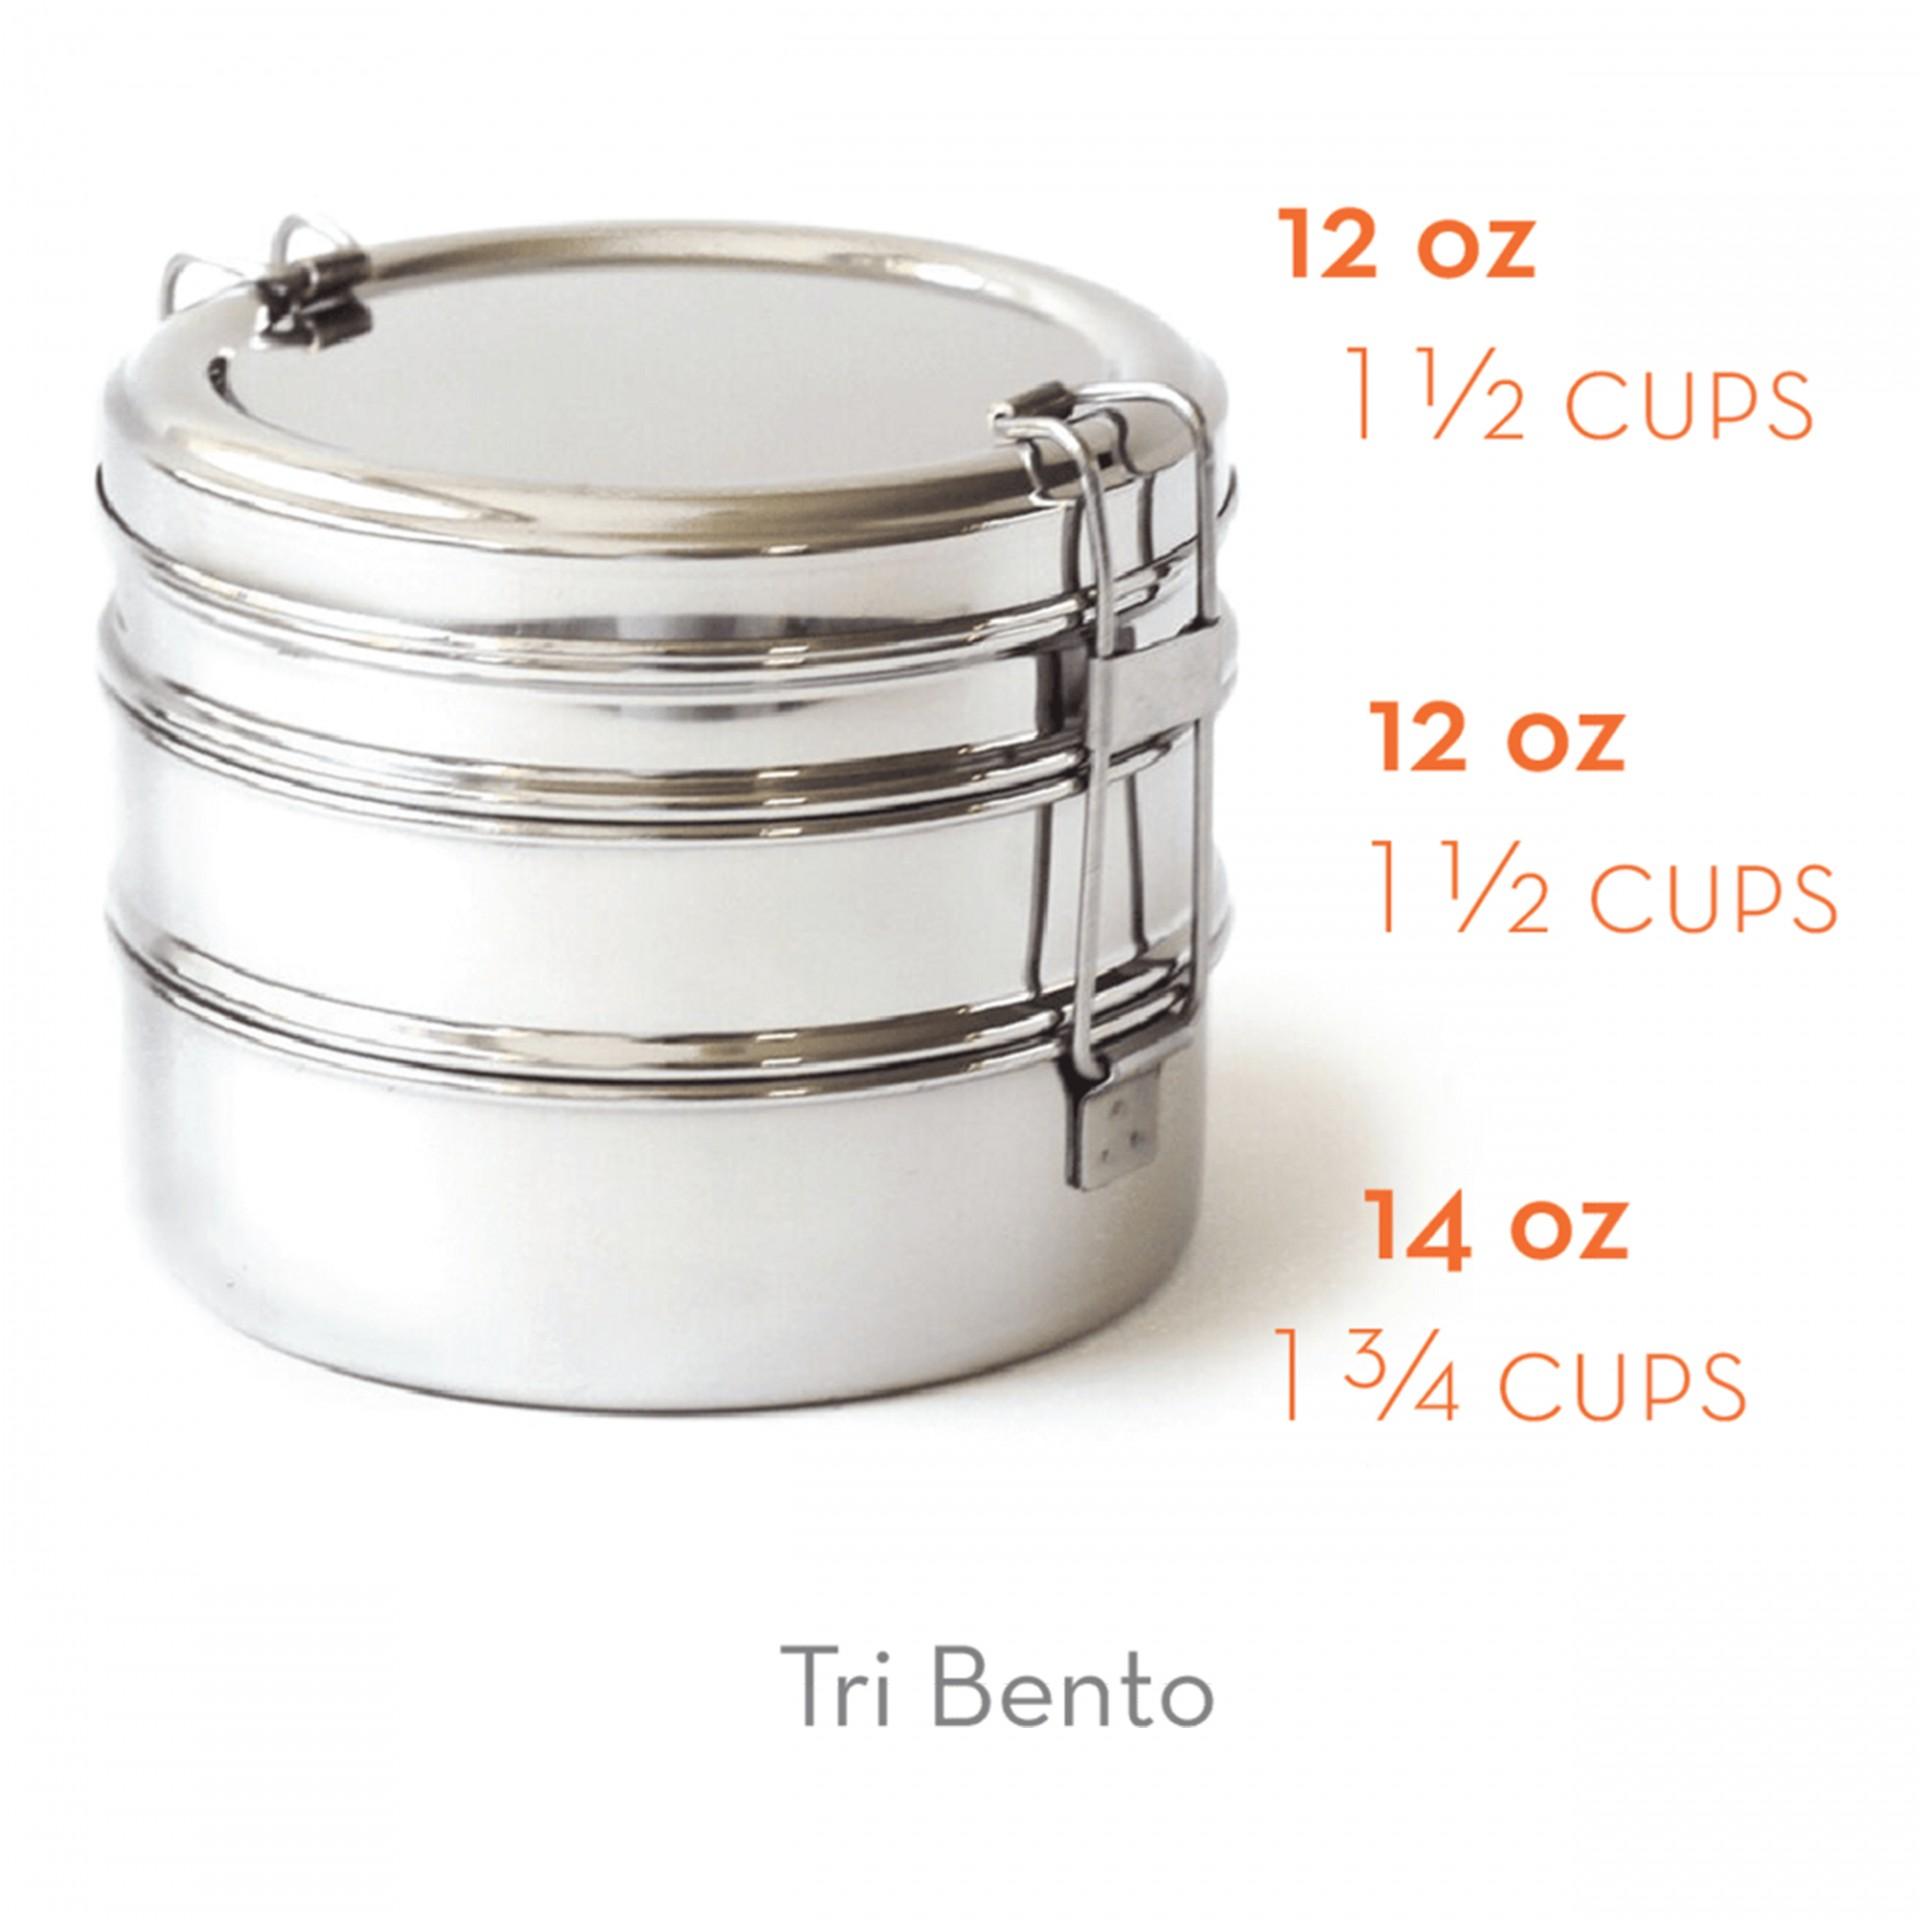 Marmita Tri Bento ECOlunch